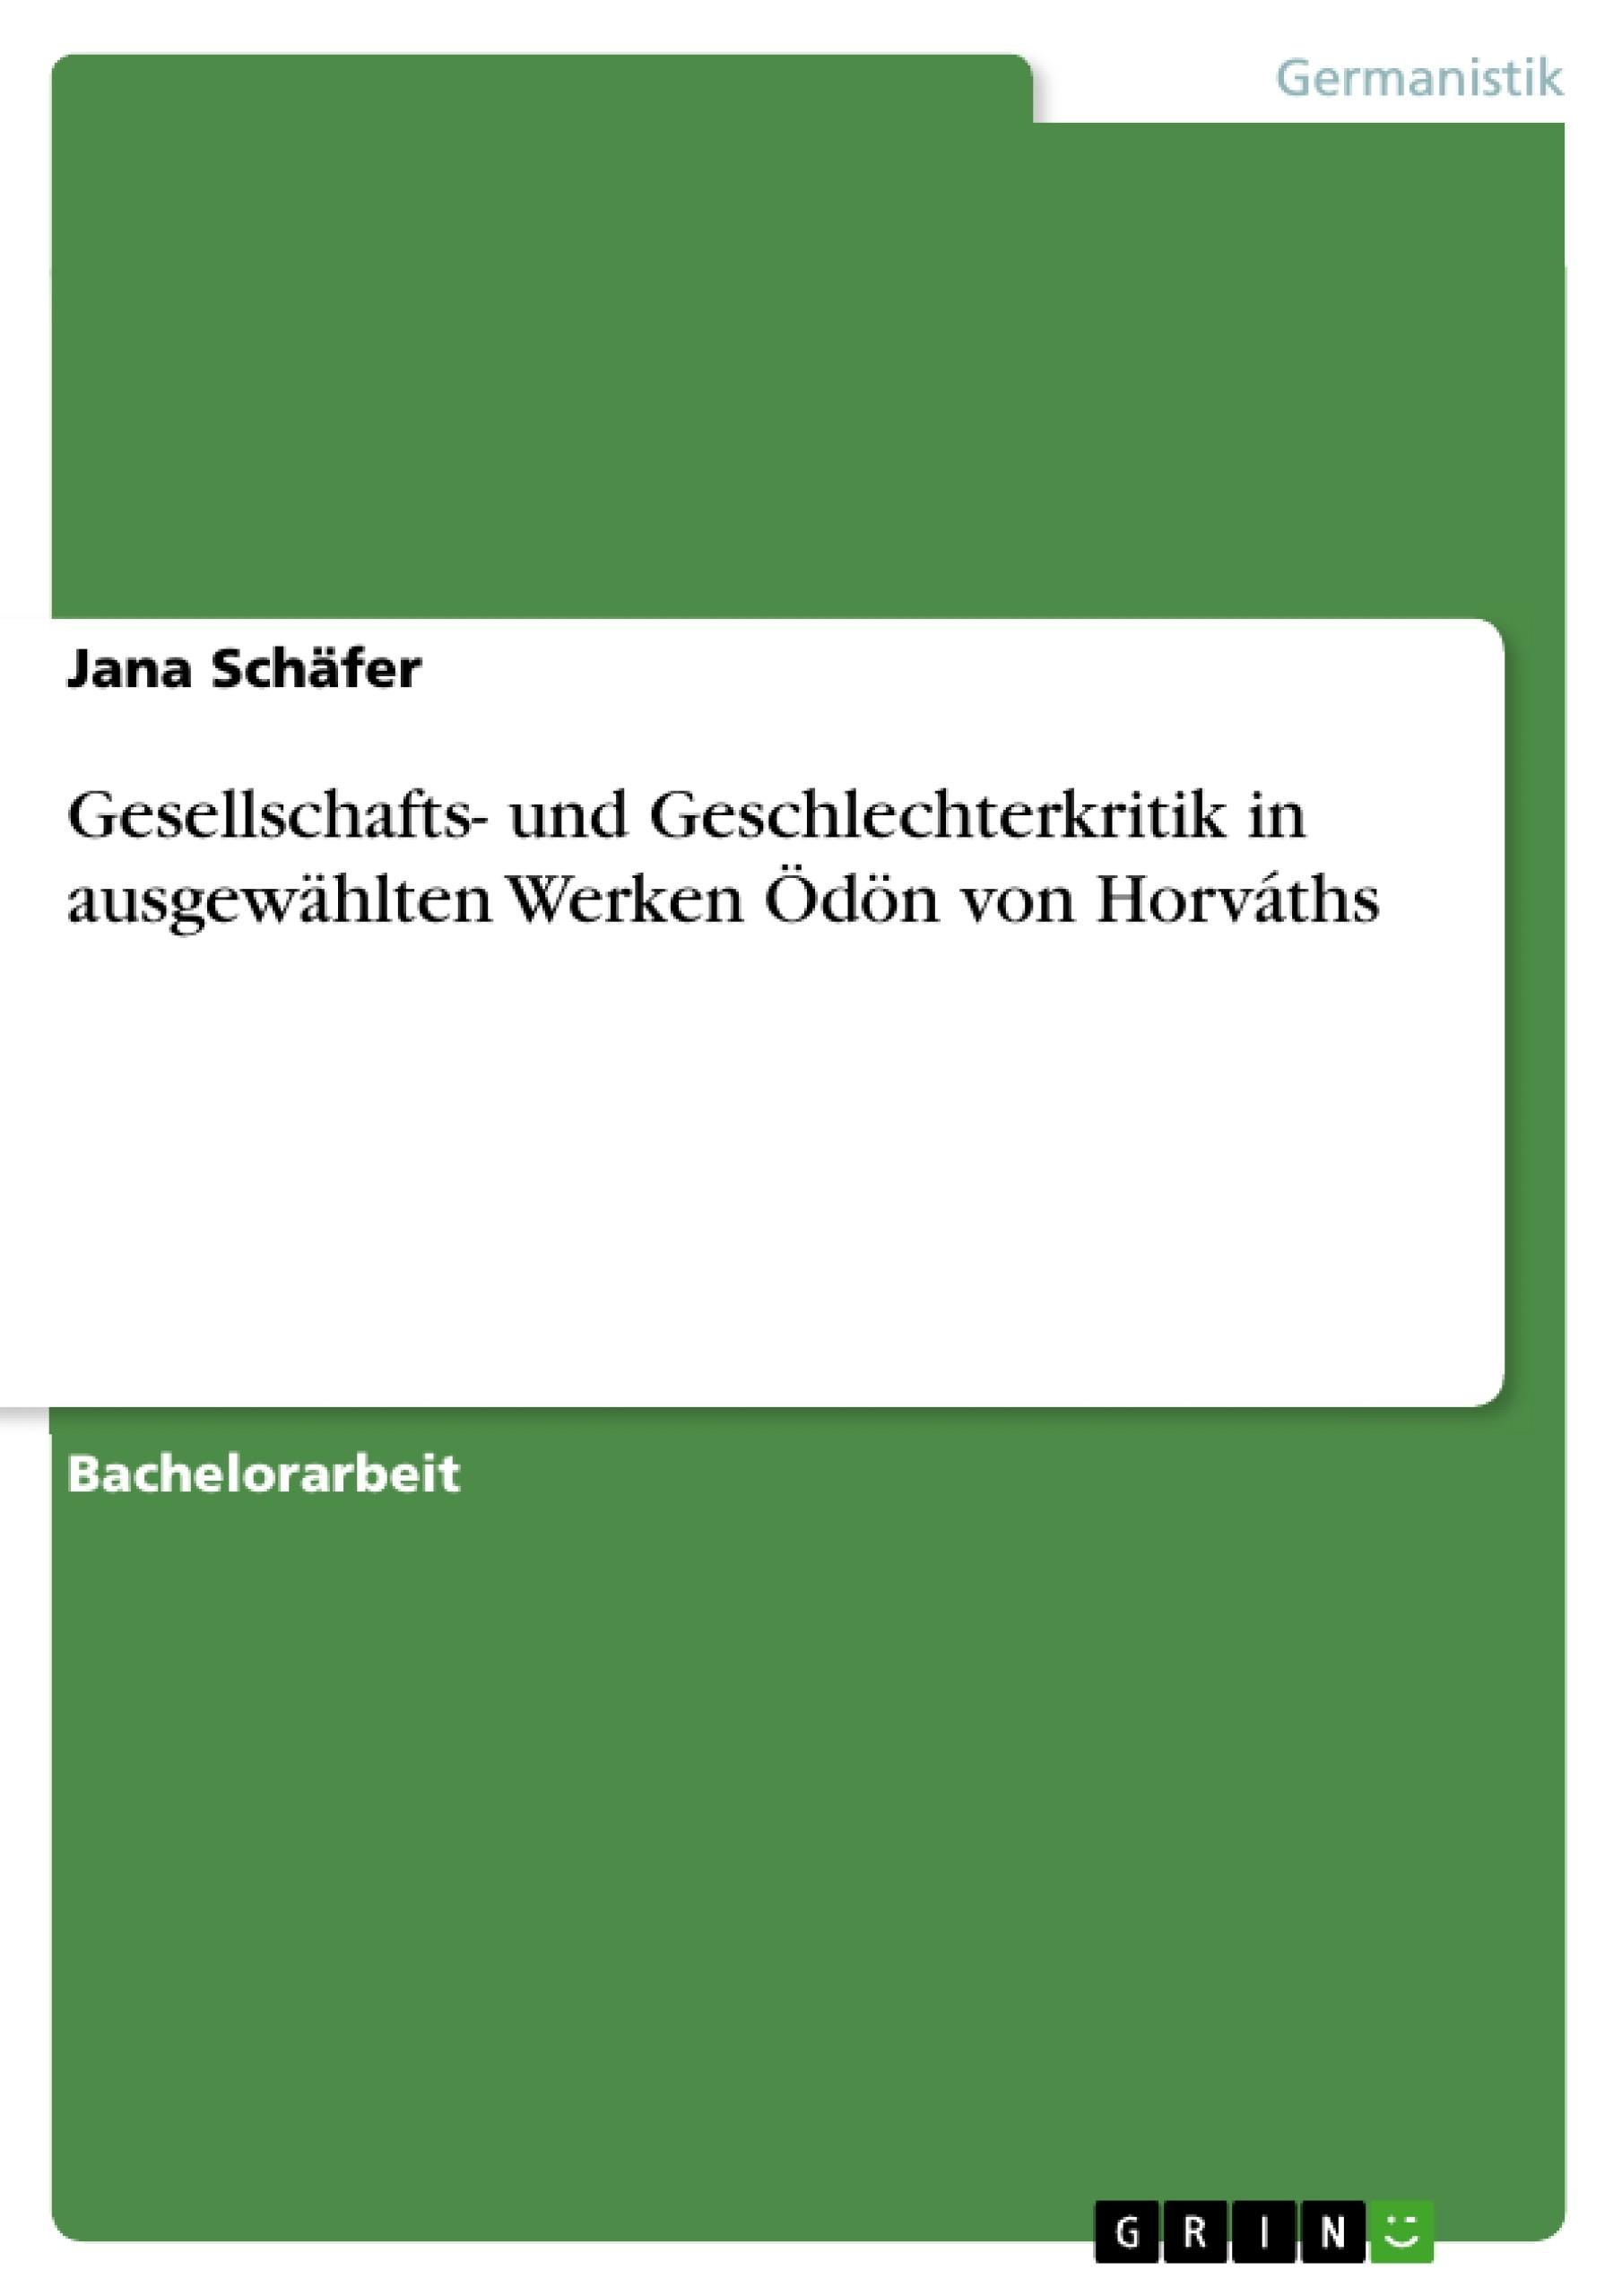 Titel: Gesellschafts- und Geschlechterkritik in ausgewählten Werken Ödön von Horváths